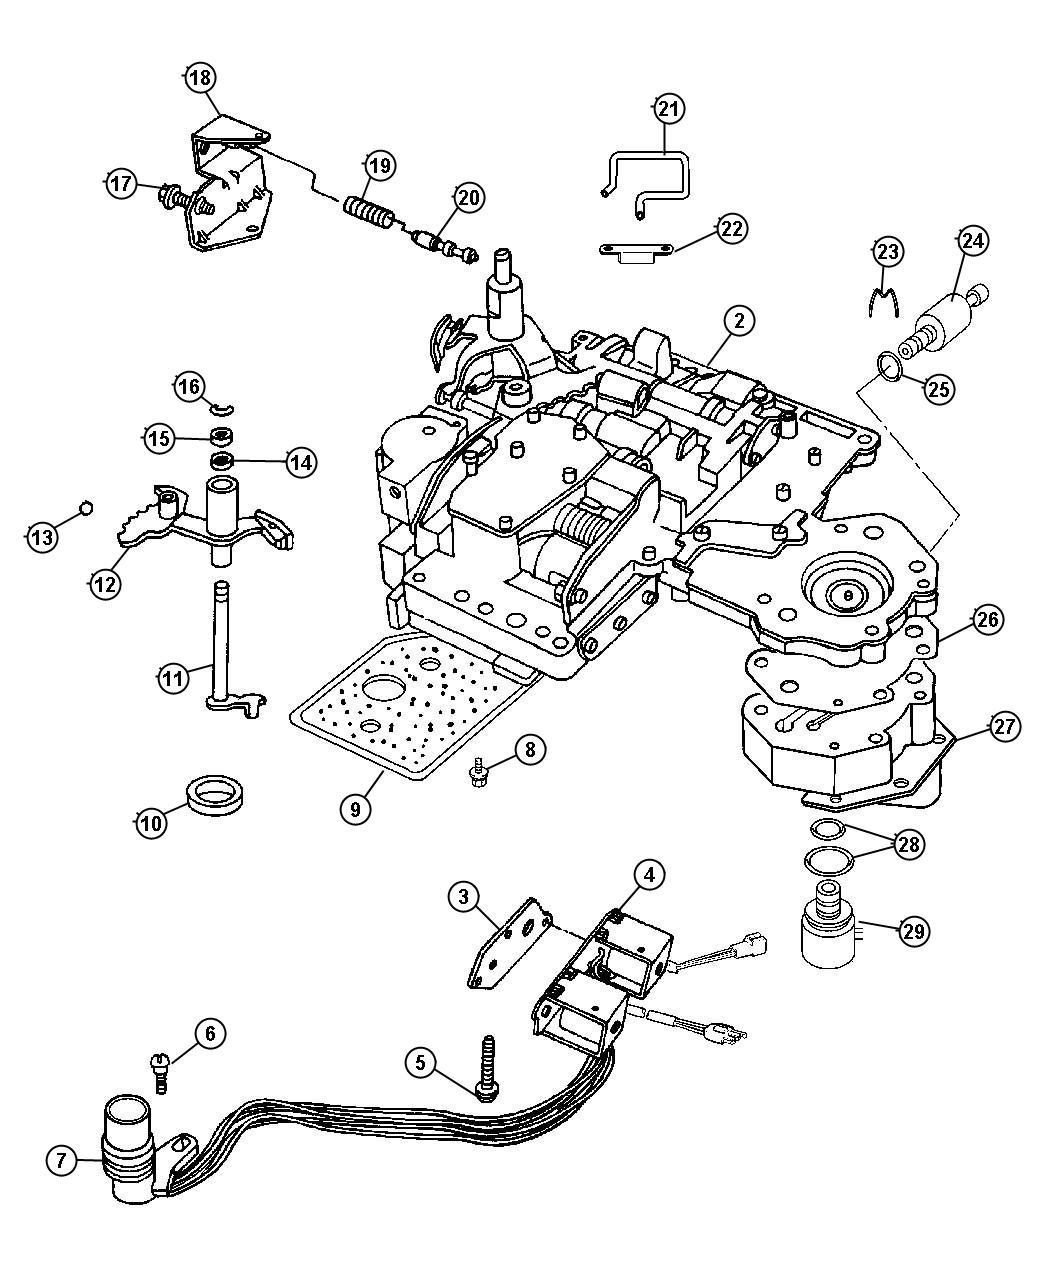 Dodge Ram 2500 Solenoid. Transmission overdrive